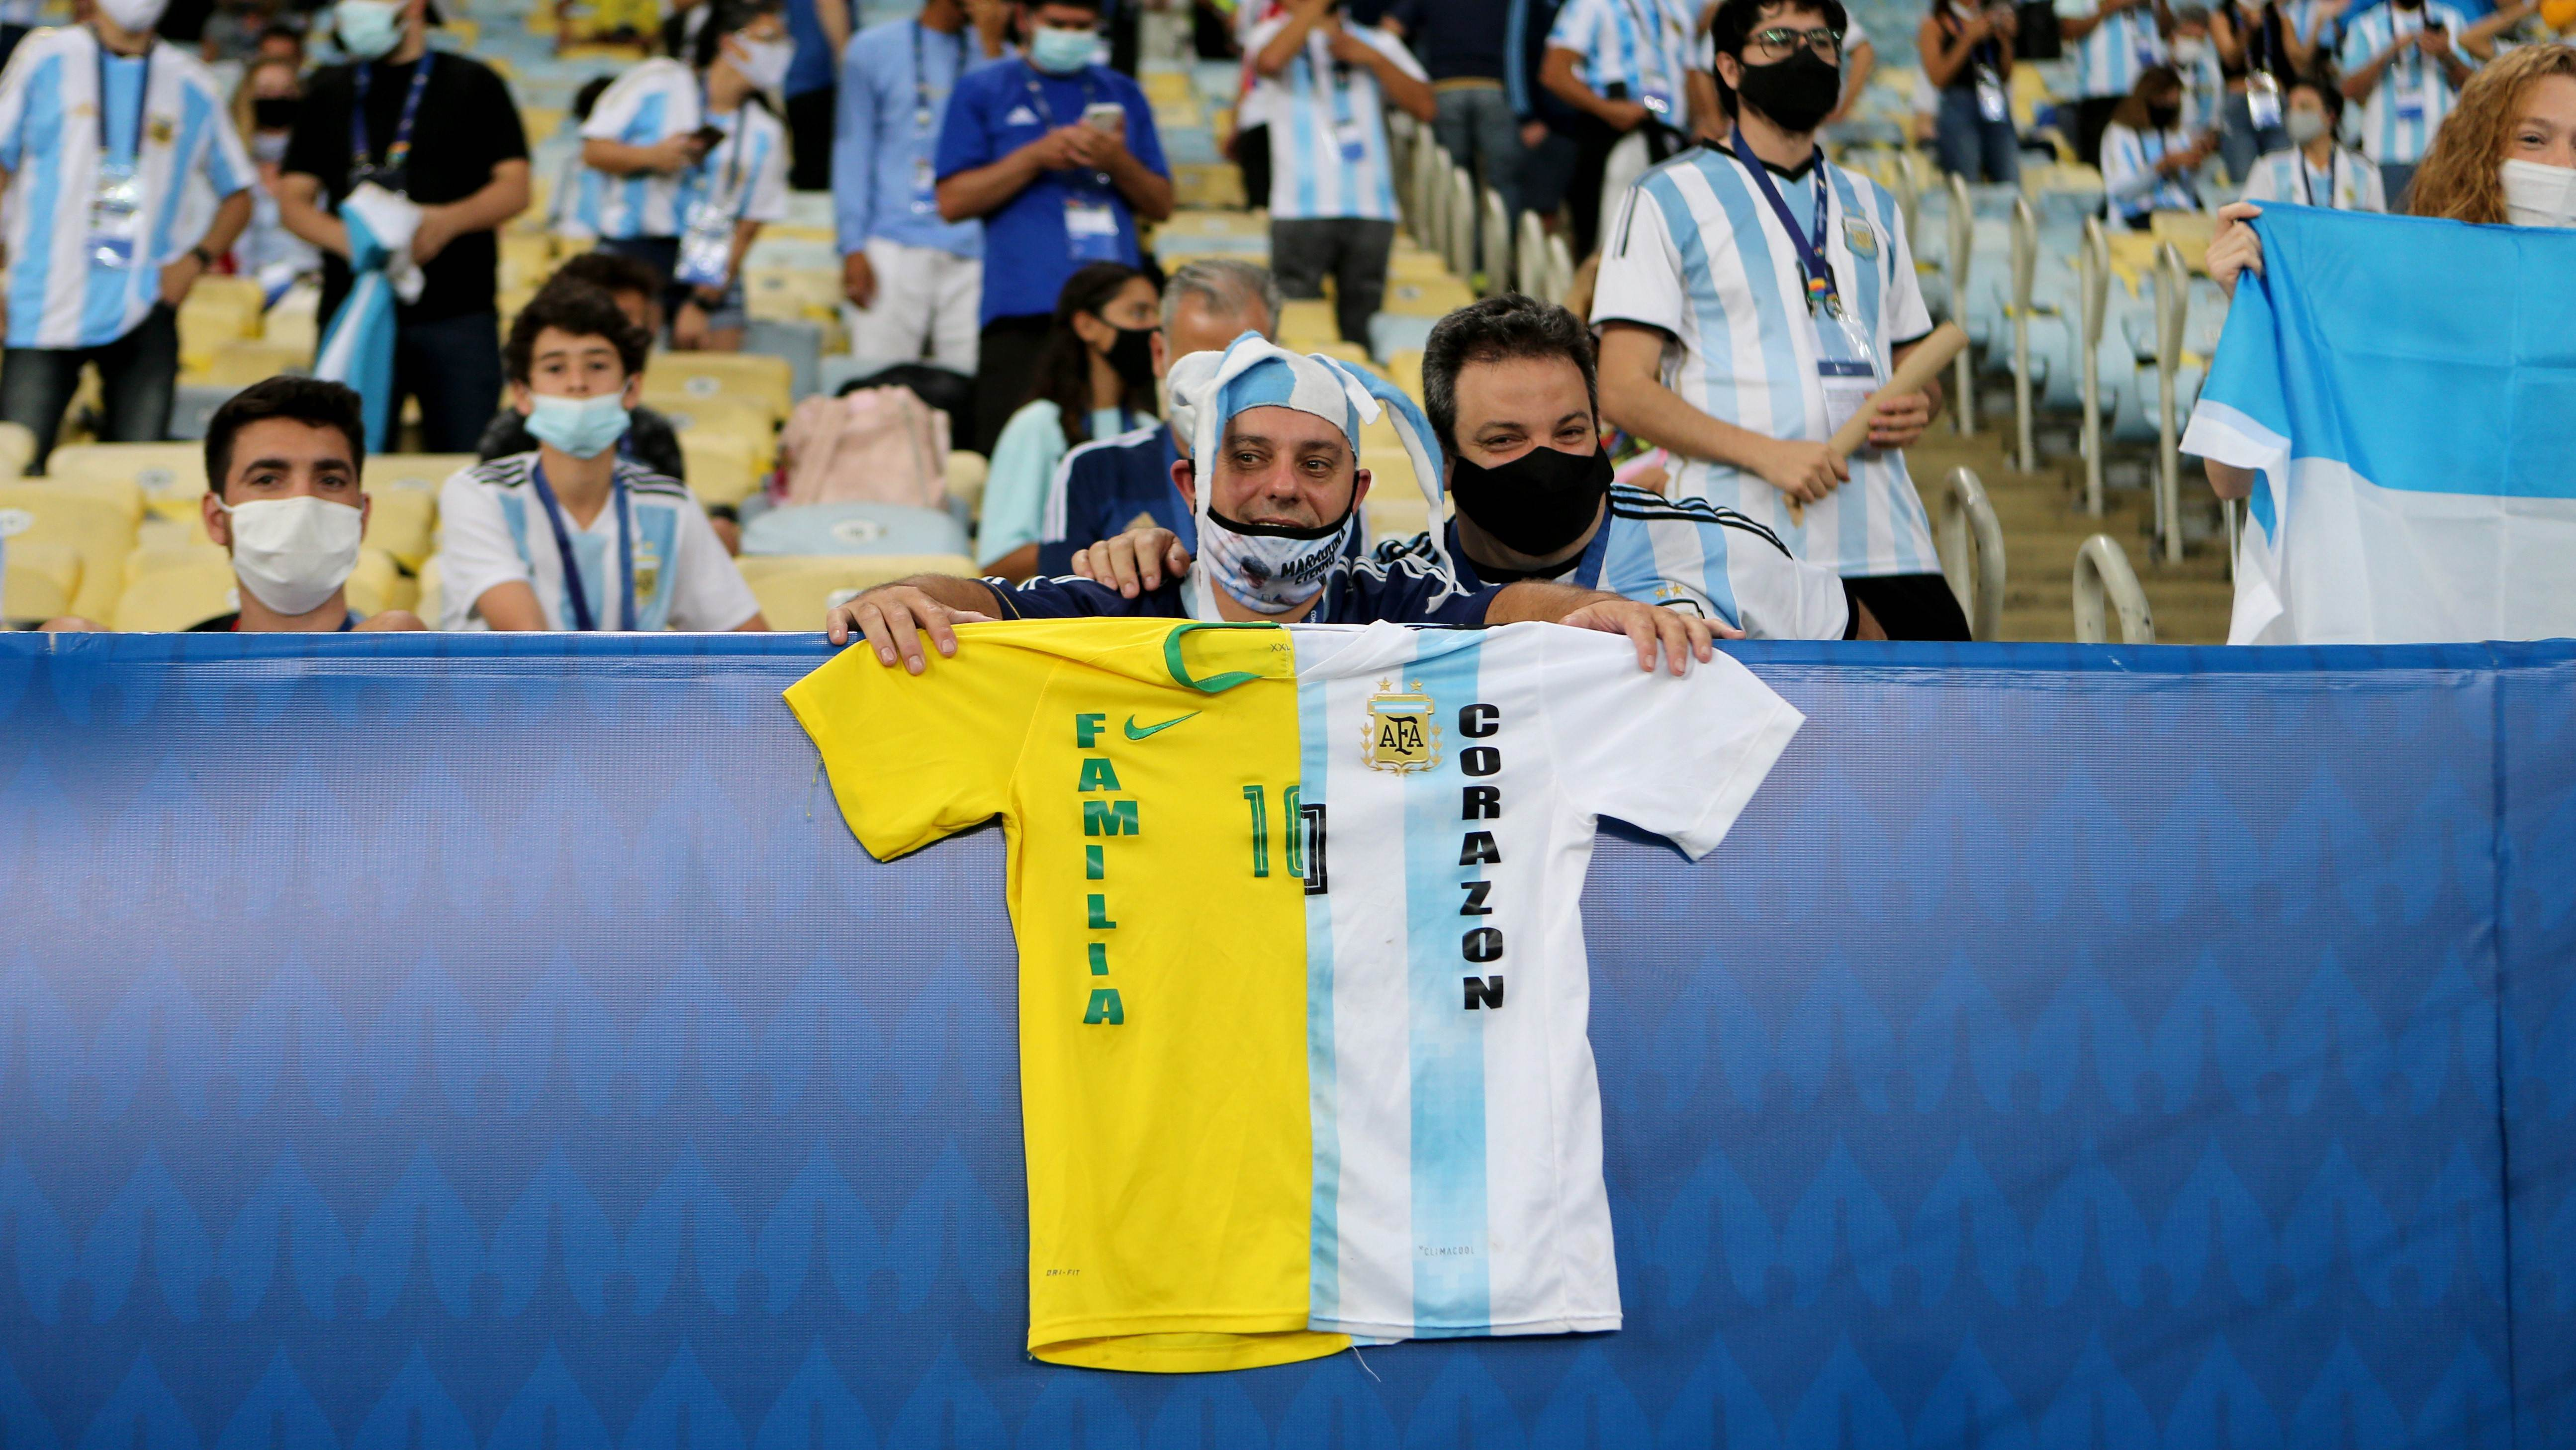 Torcedor com camisa metade brasileira e metade argentina